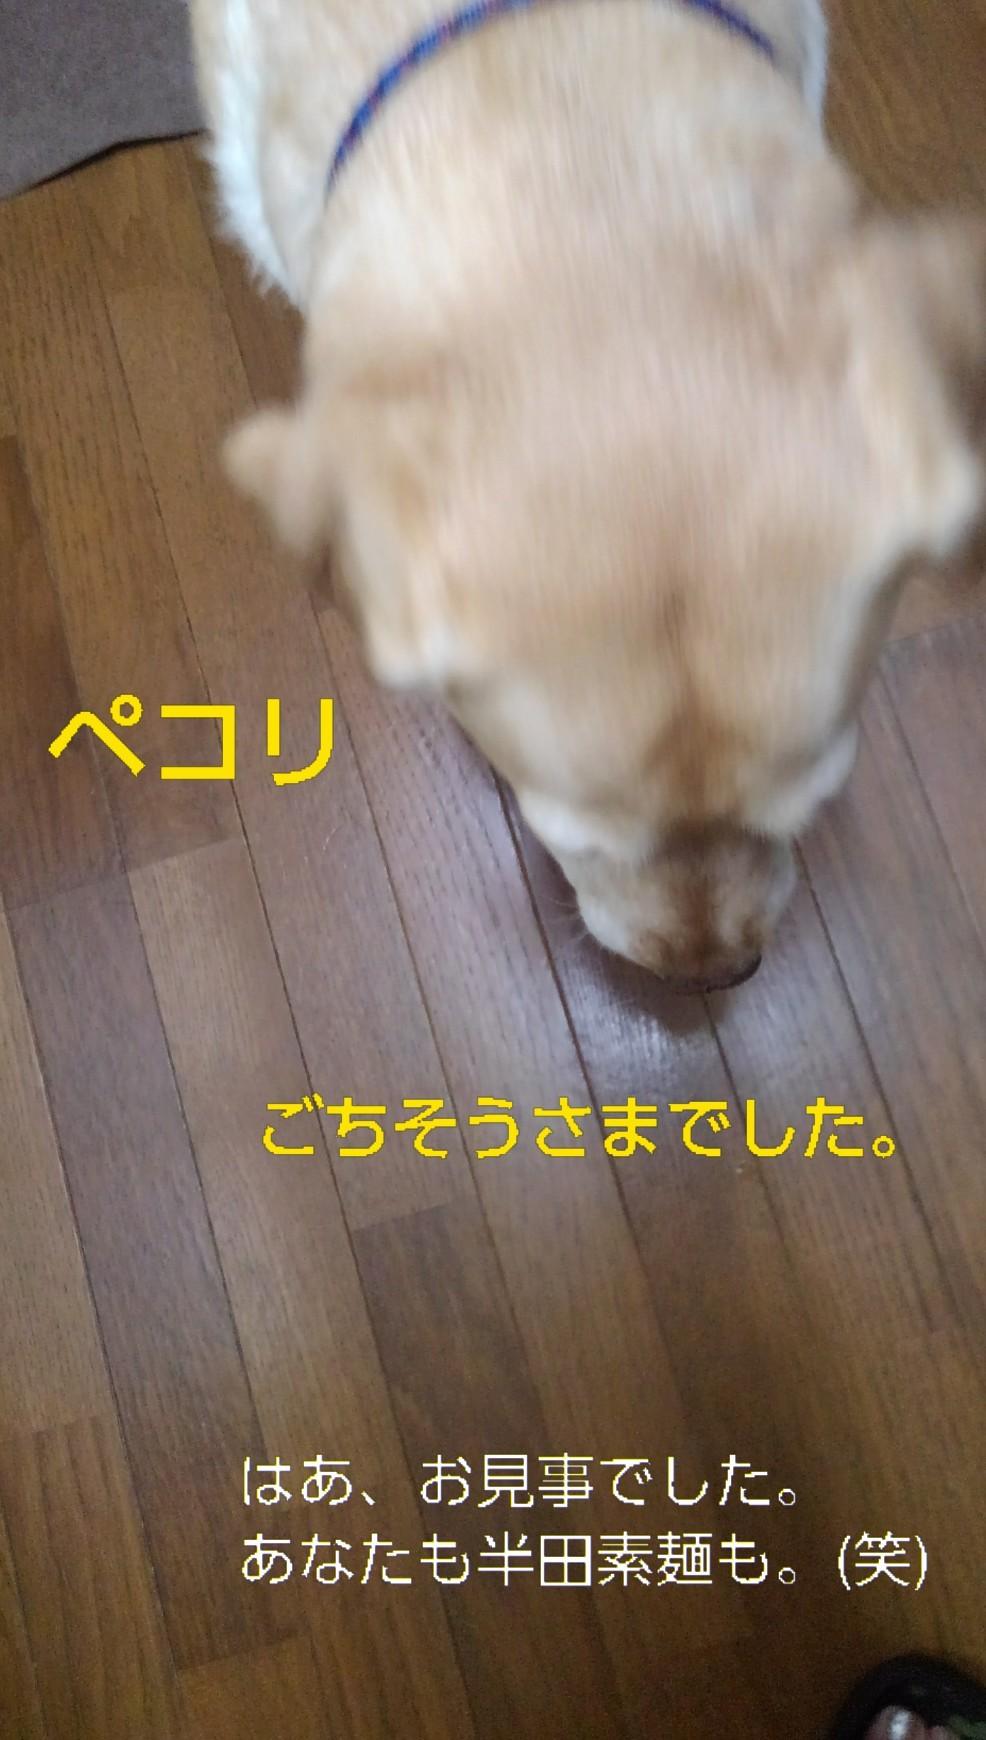 メリー、半田素麺の「コシ」を重要視する_b0339522_10054830.jpg